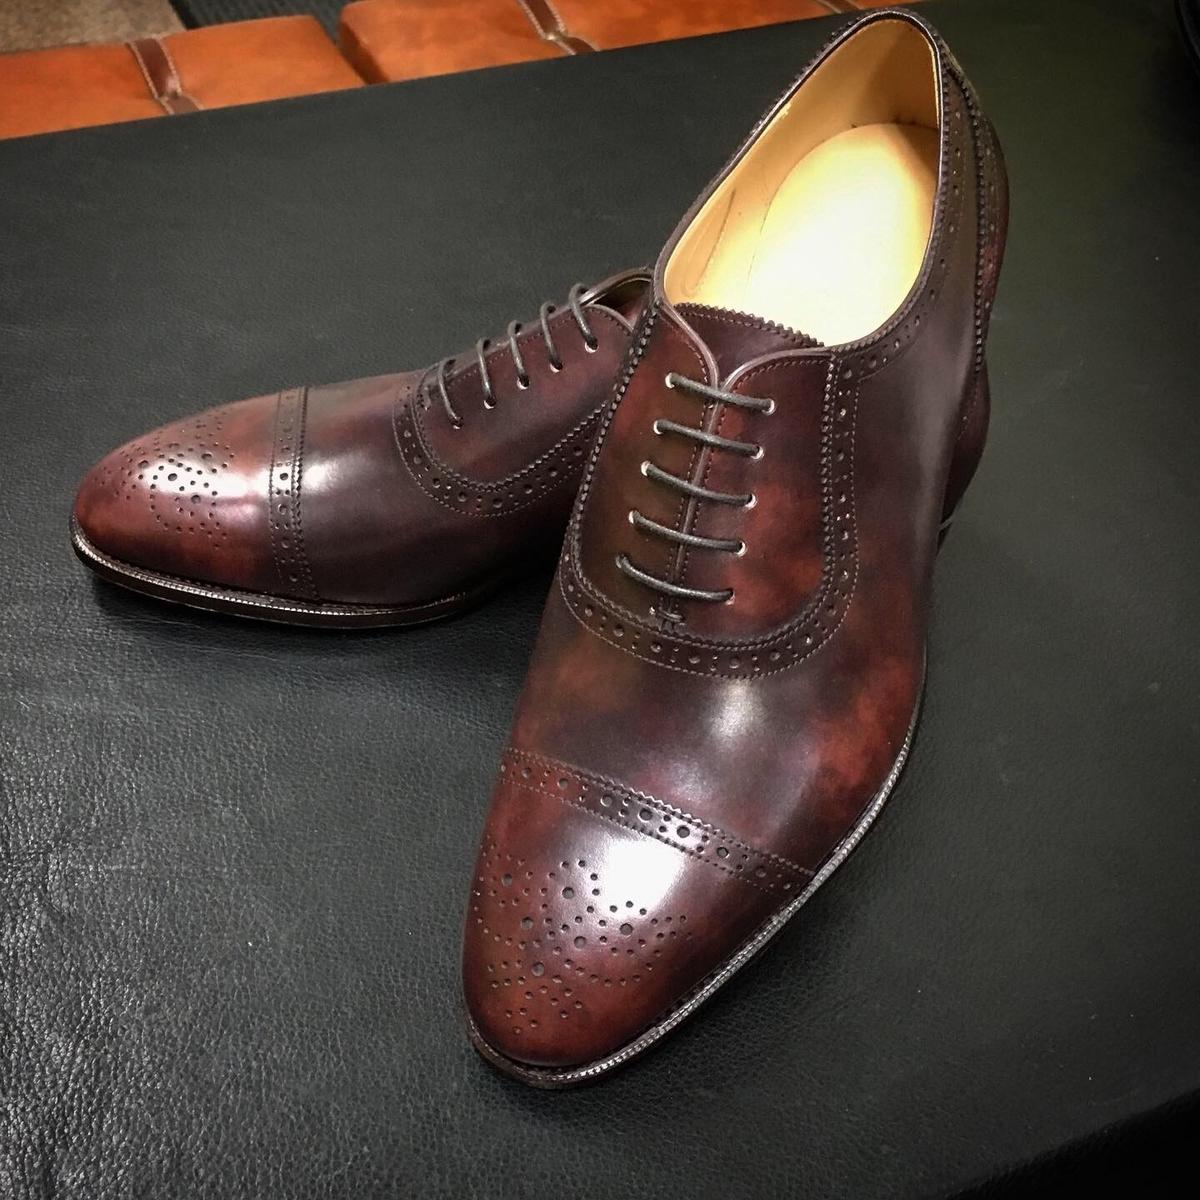 f:id:raymar-shoes:20190514011009j:plain